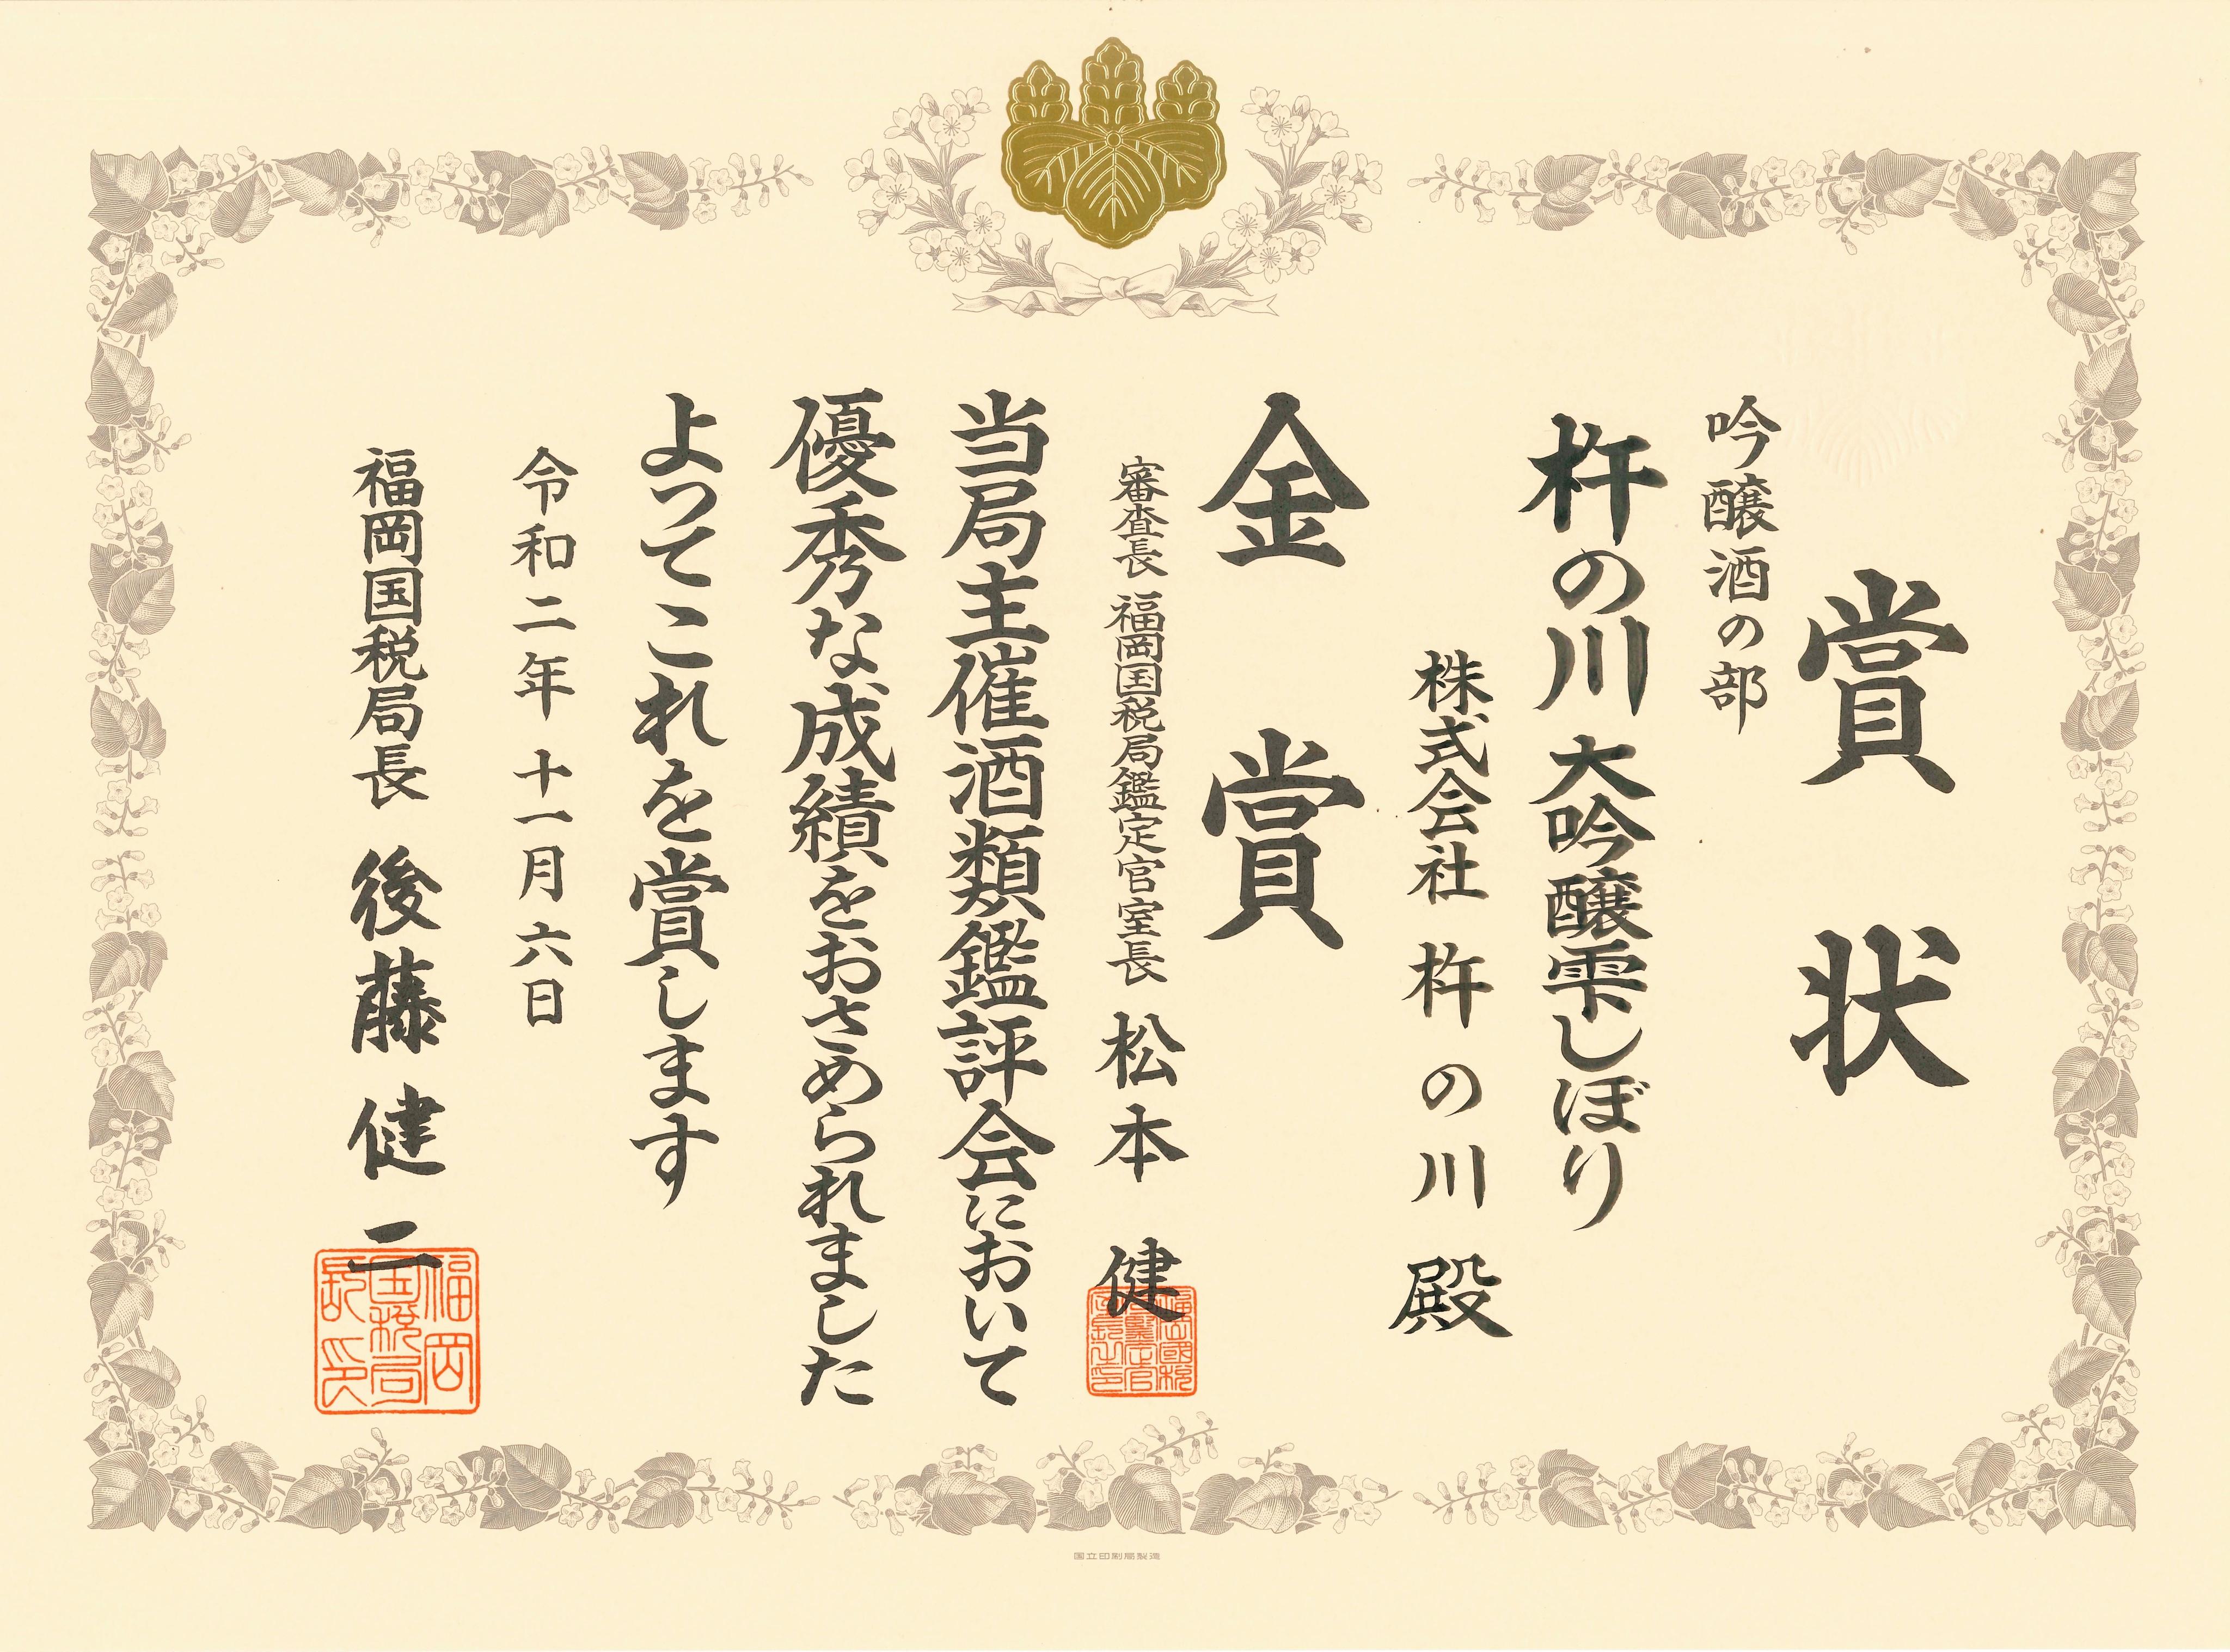 福岡国税局鑑評会受賞